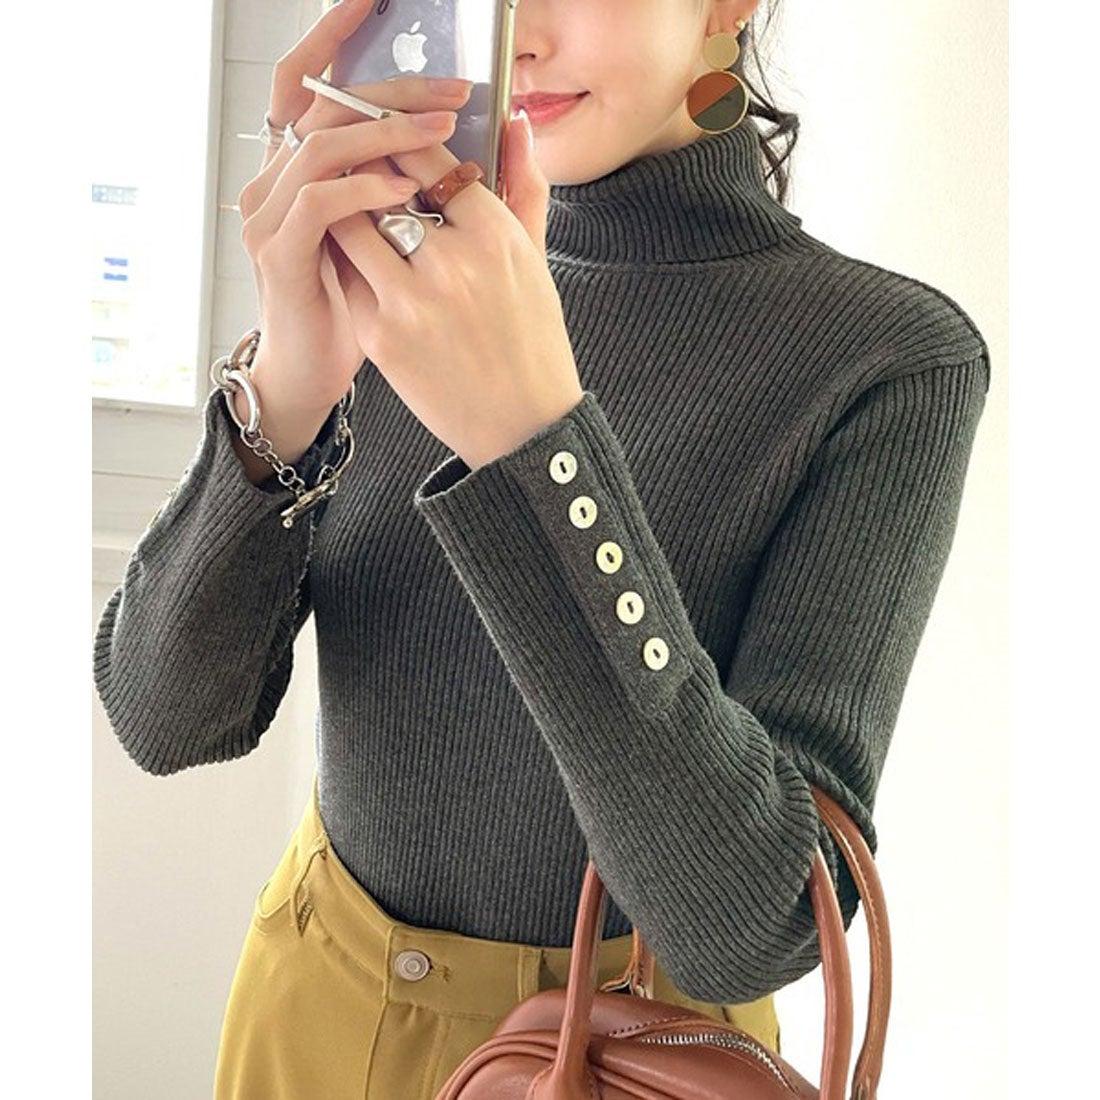 クラシカルエルフ Classical Elf 袖ボタン付きリブタートルコットンニット レディース トップス ハイネック 貝ボタン スタイリッシュ 綿100% 大人 ベーシック 伸縮性 (チャコール)